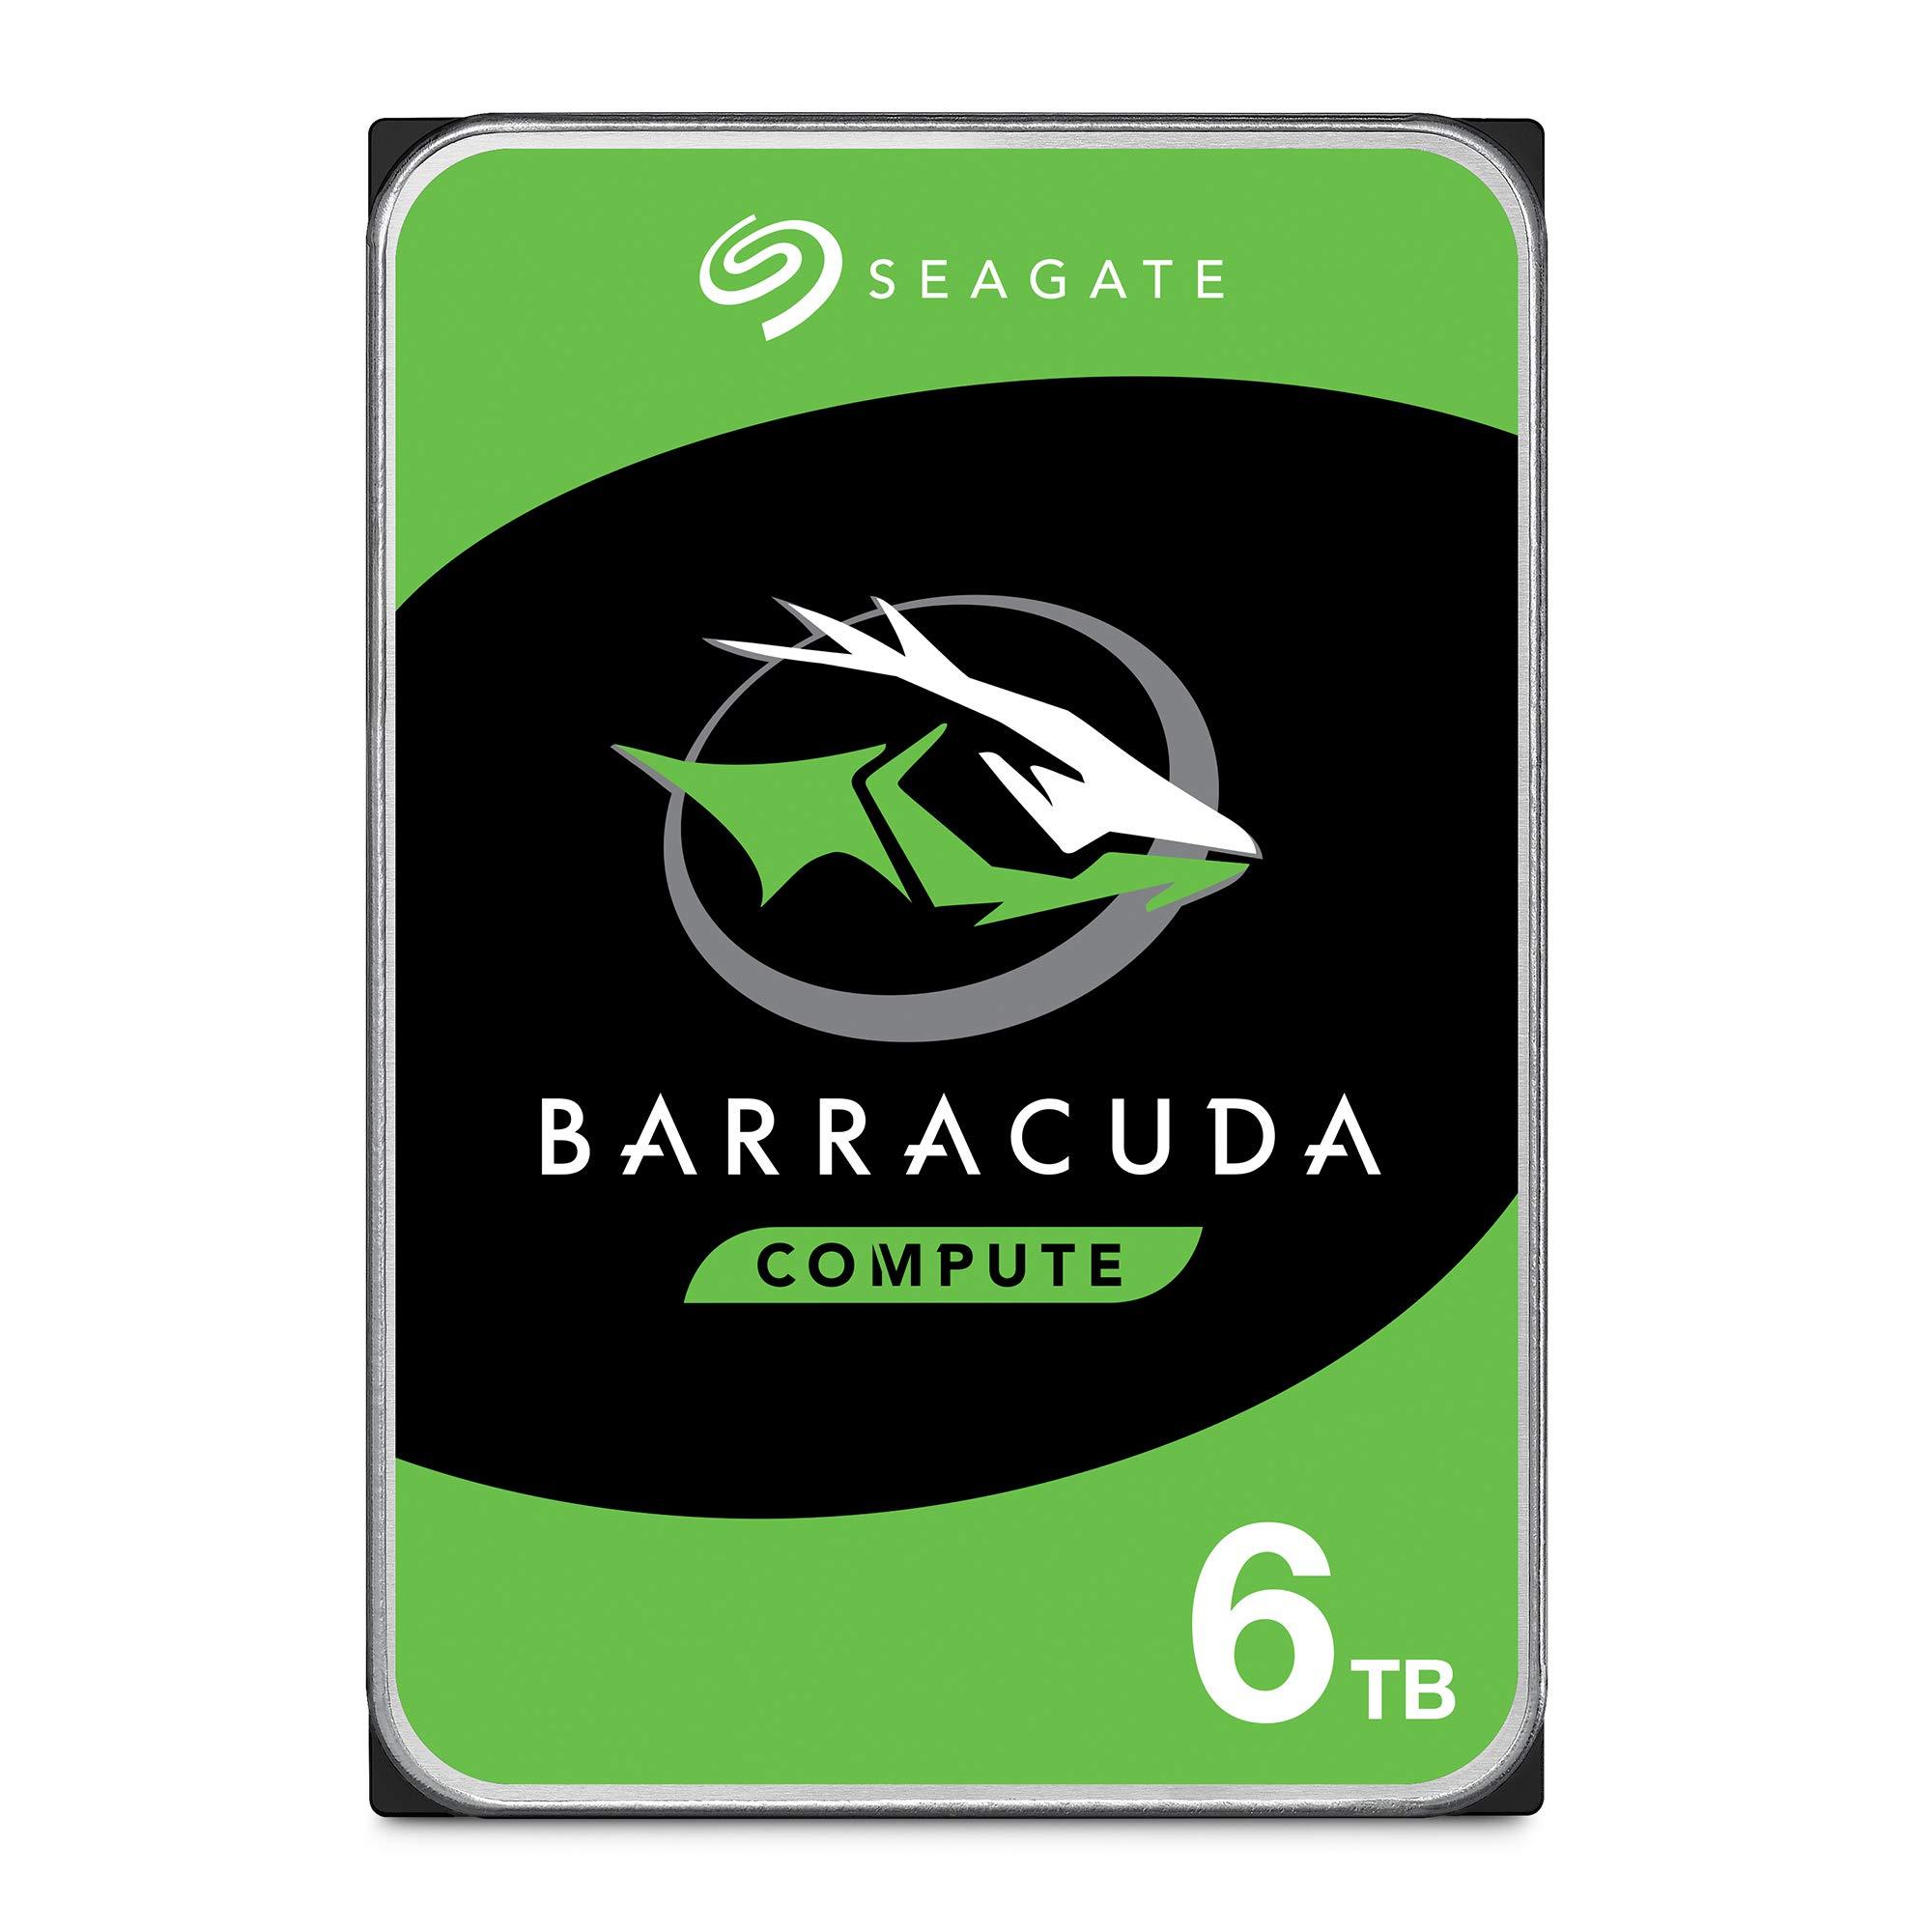 Seagate BarraCuda Internal Drive 3 5 Inch